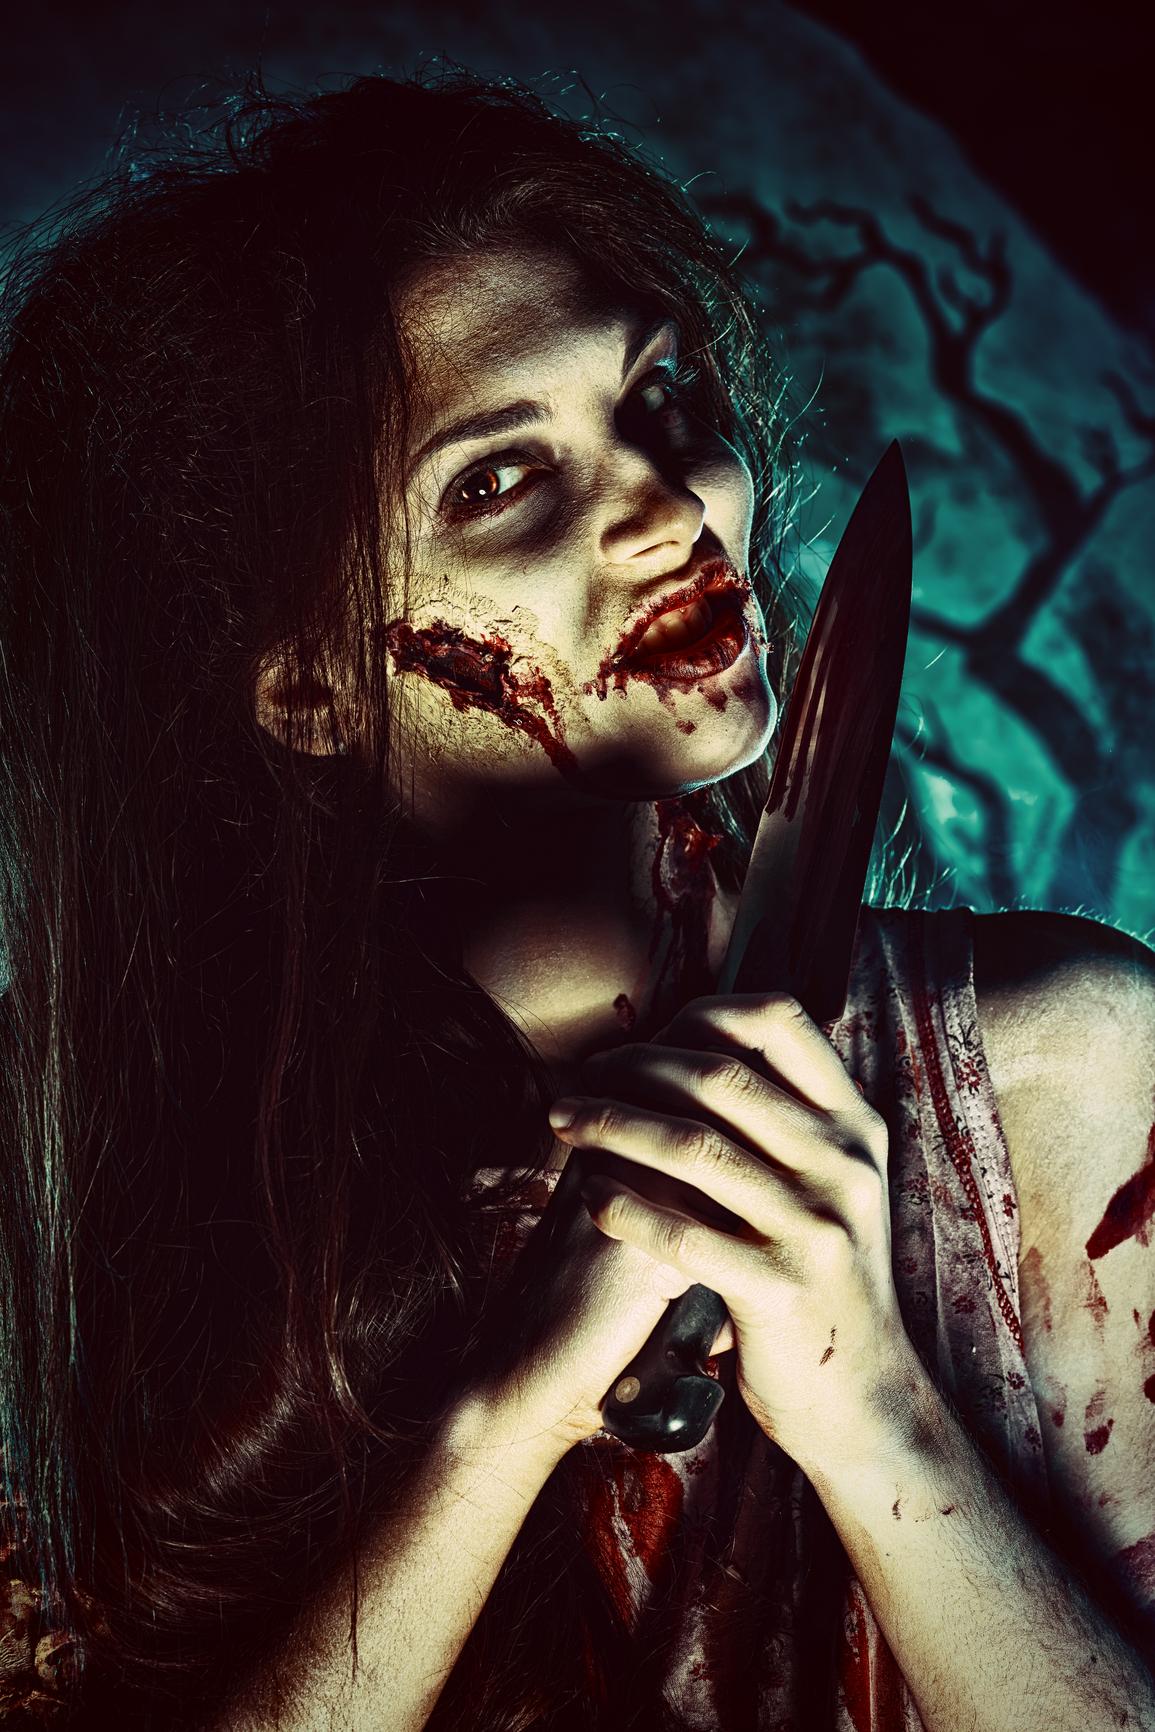 Макияж на Хэллоуин должен быть по-настоящему страшным